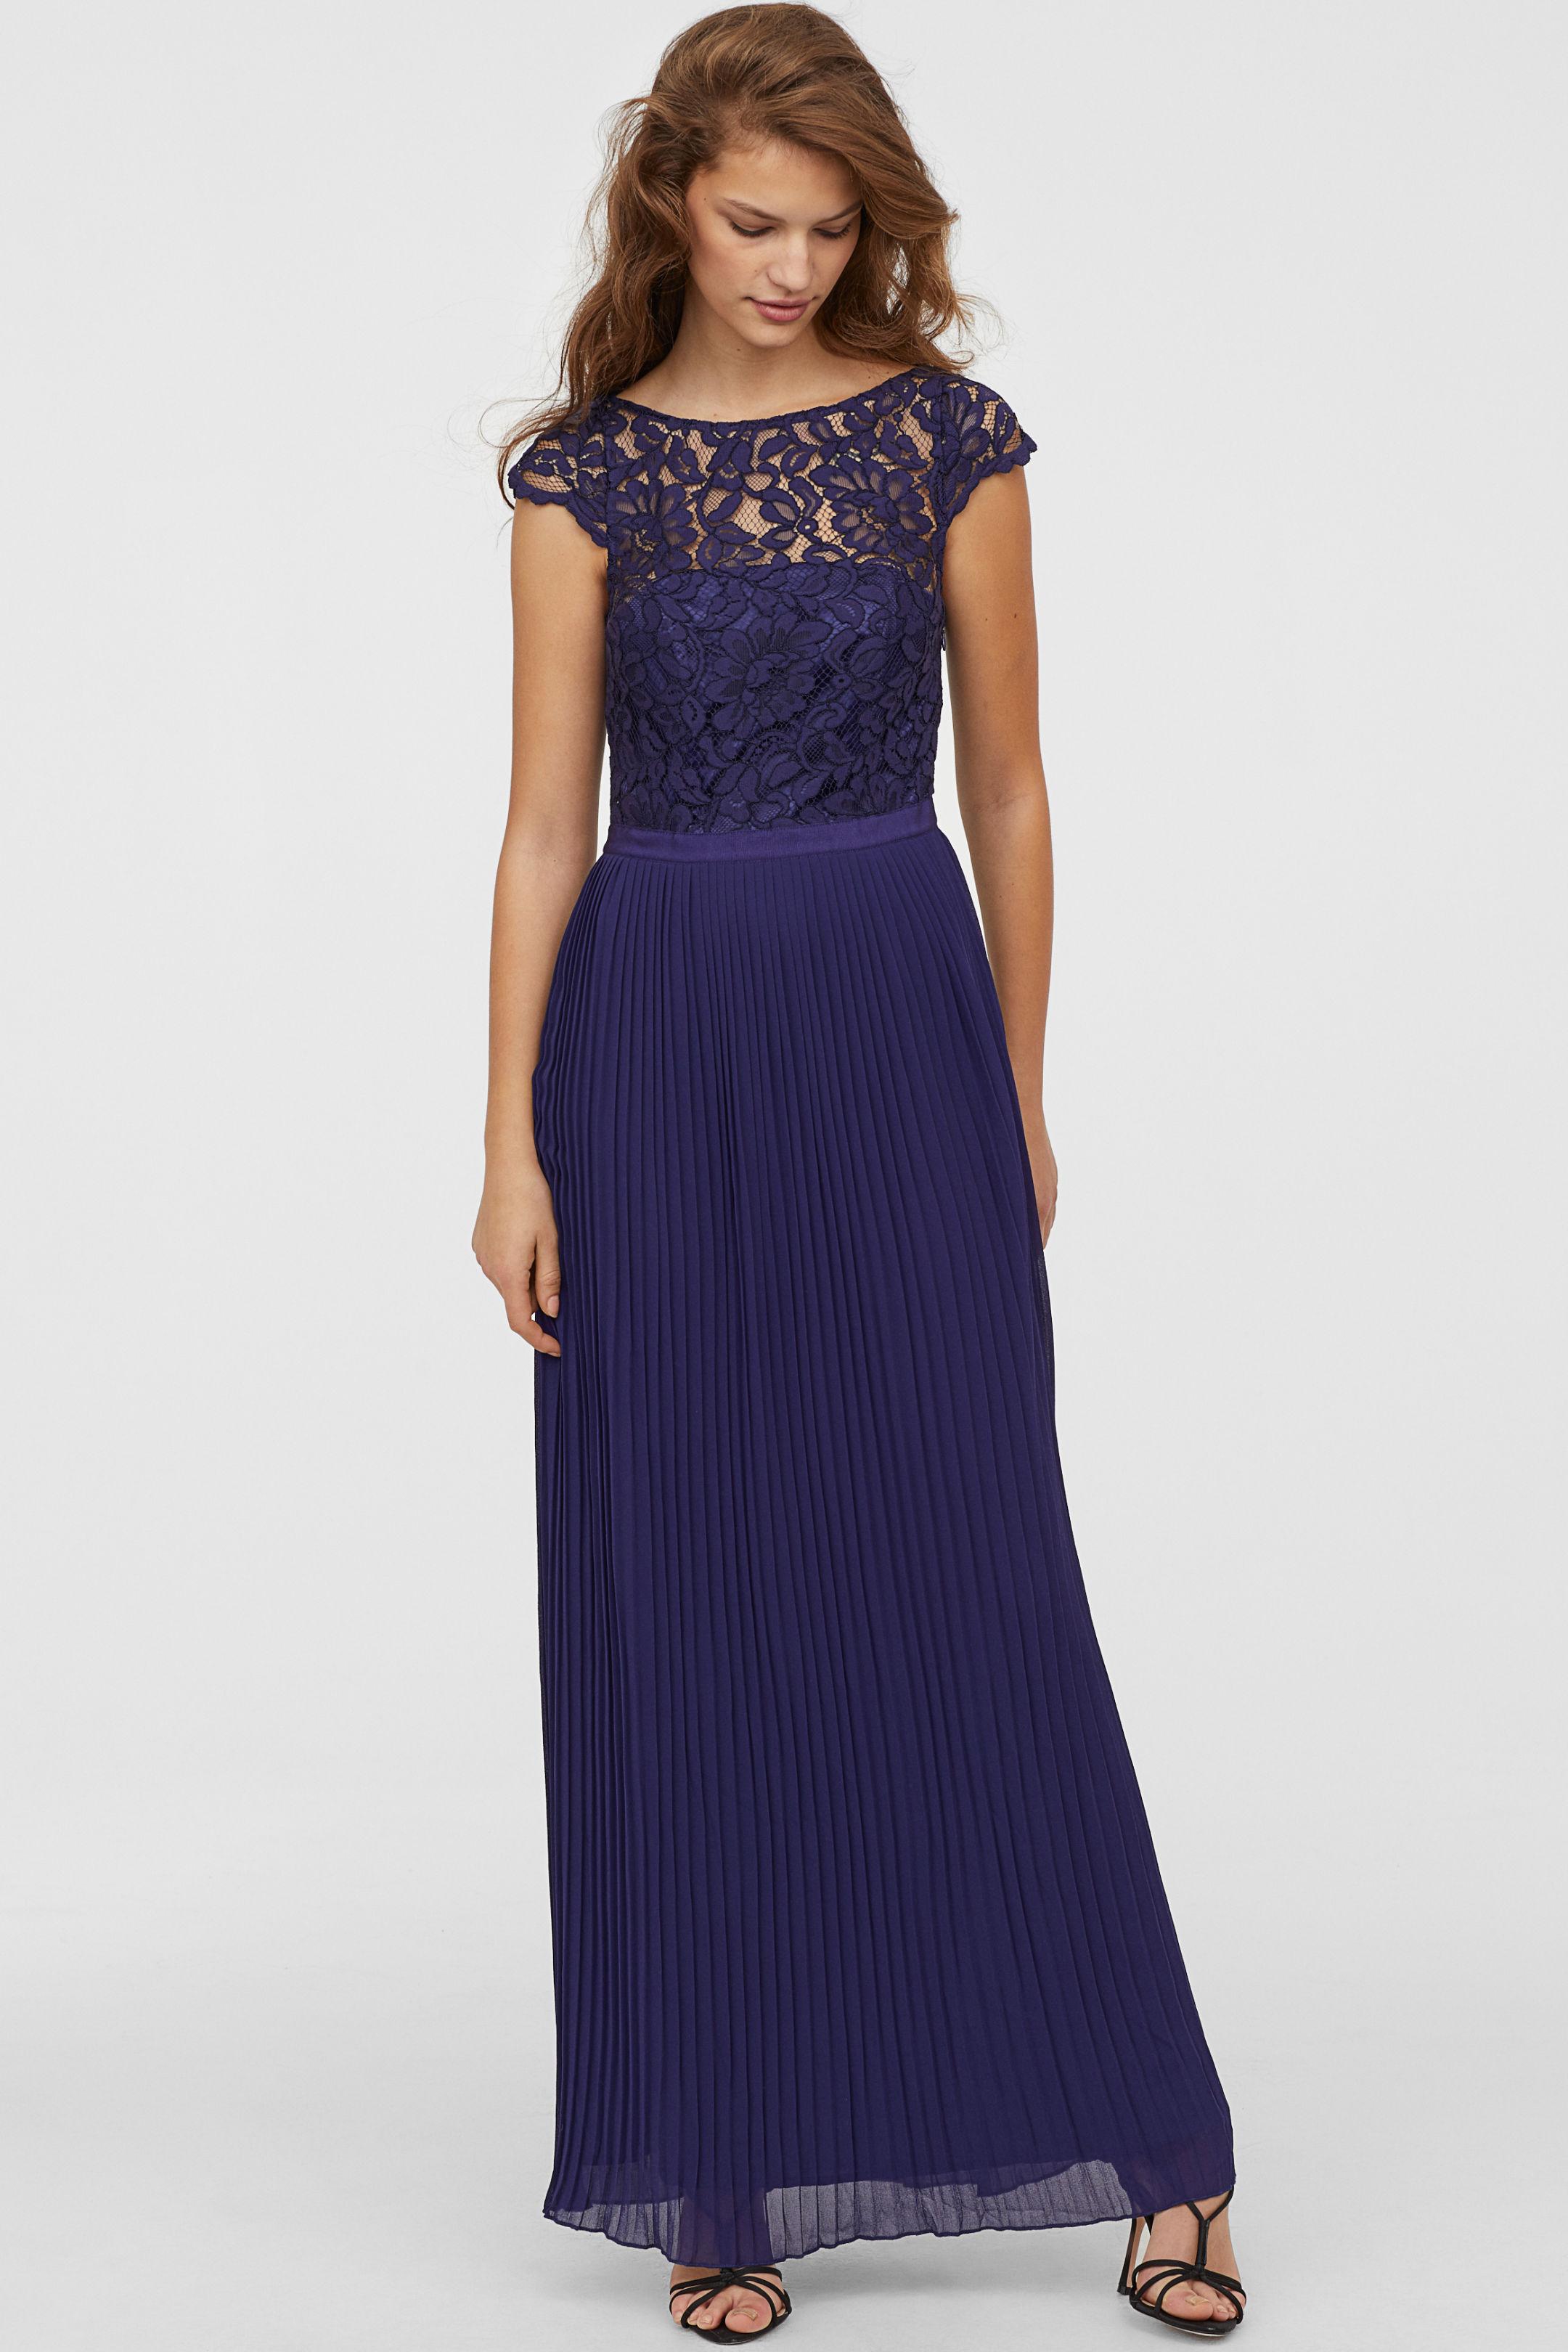 Come vestirsi per un matrimonio in inverno  idee per le invitate ... c7ebca10dbe